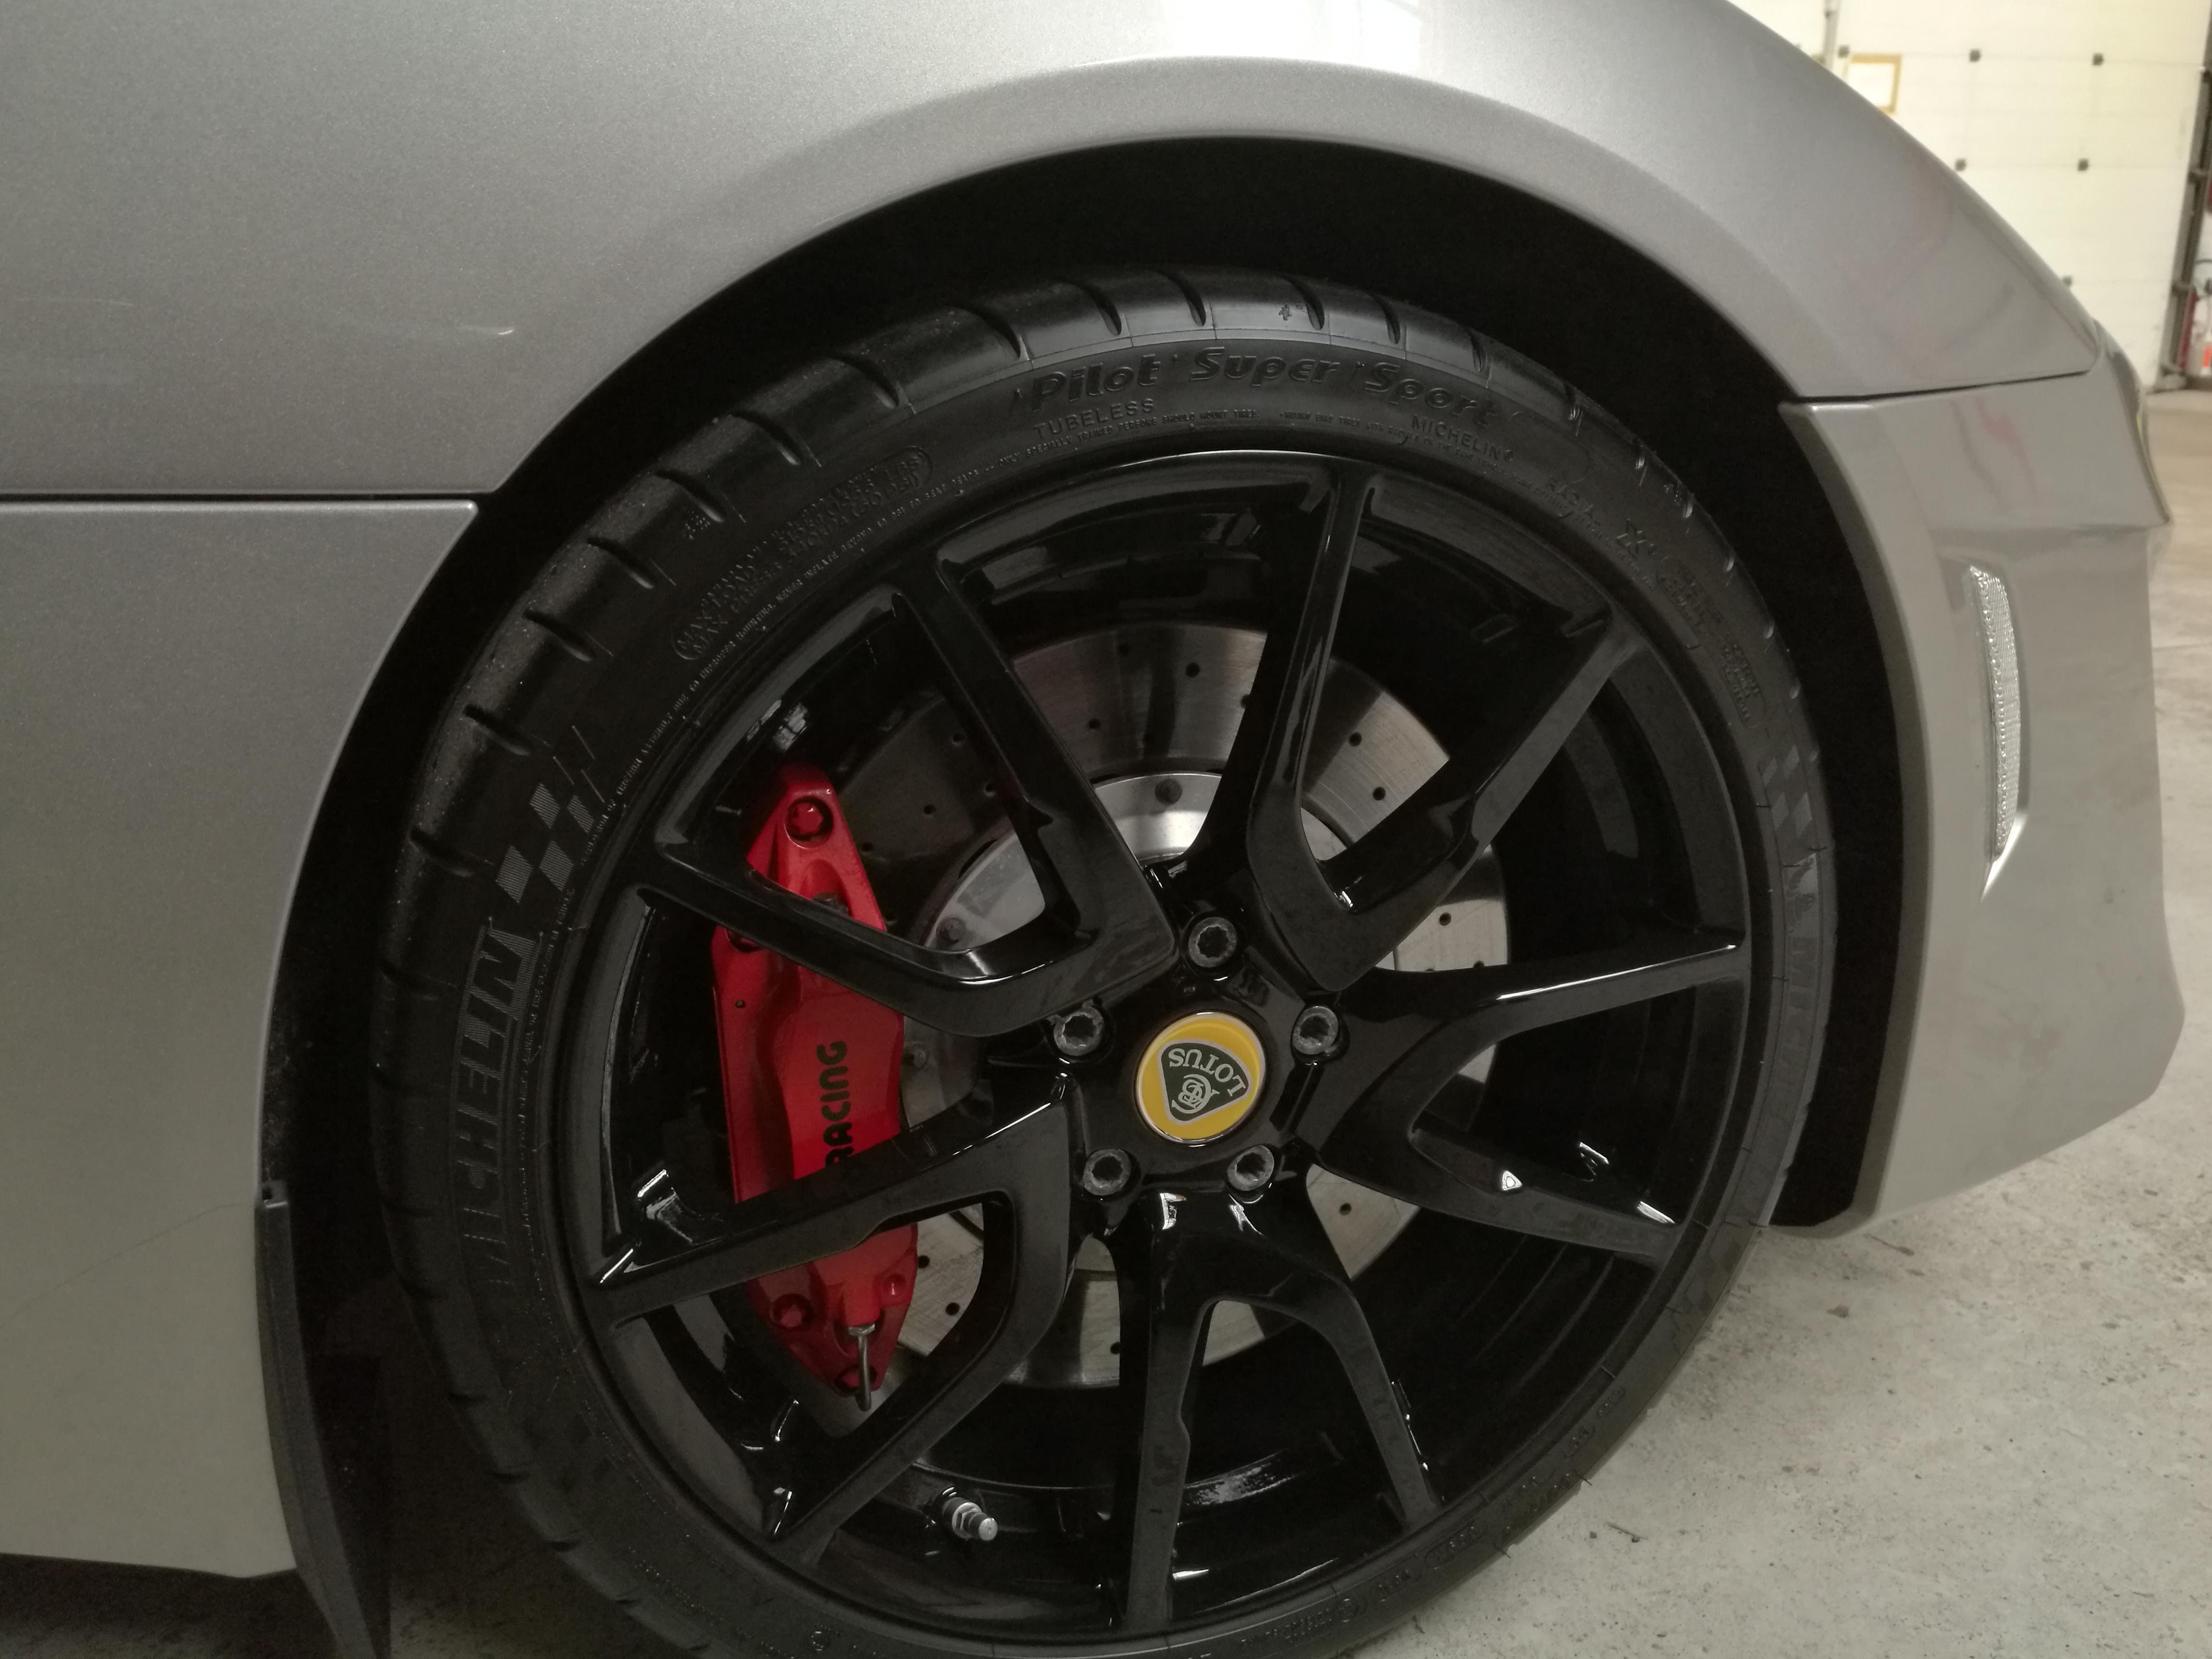 Detailing Lotus - Scellant céramique protection flanc de pneu voiture haut de gamme - Sarthe 72